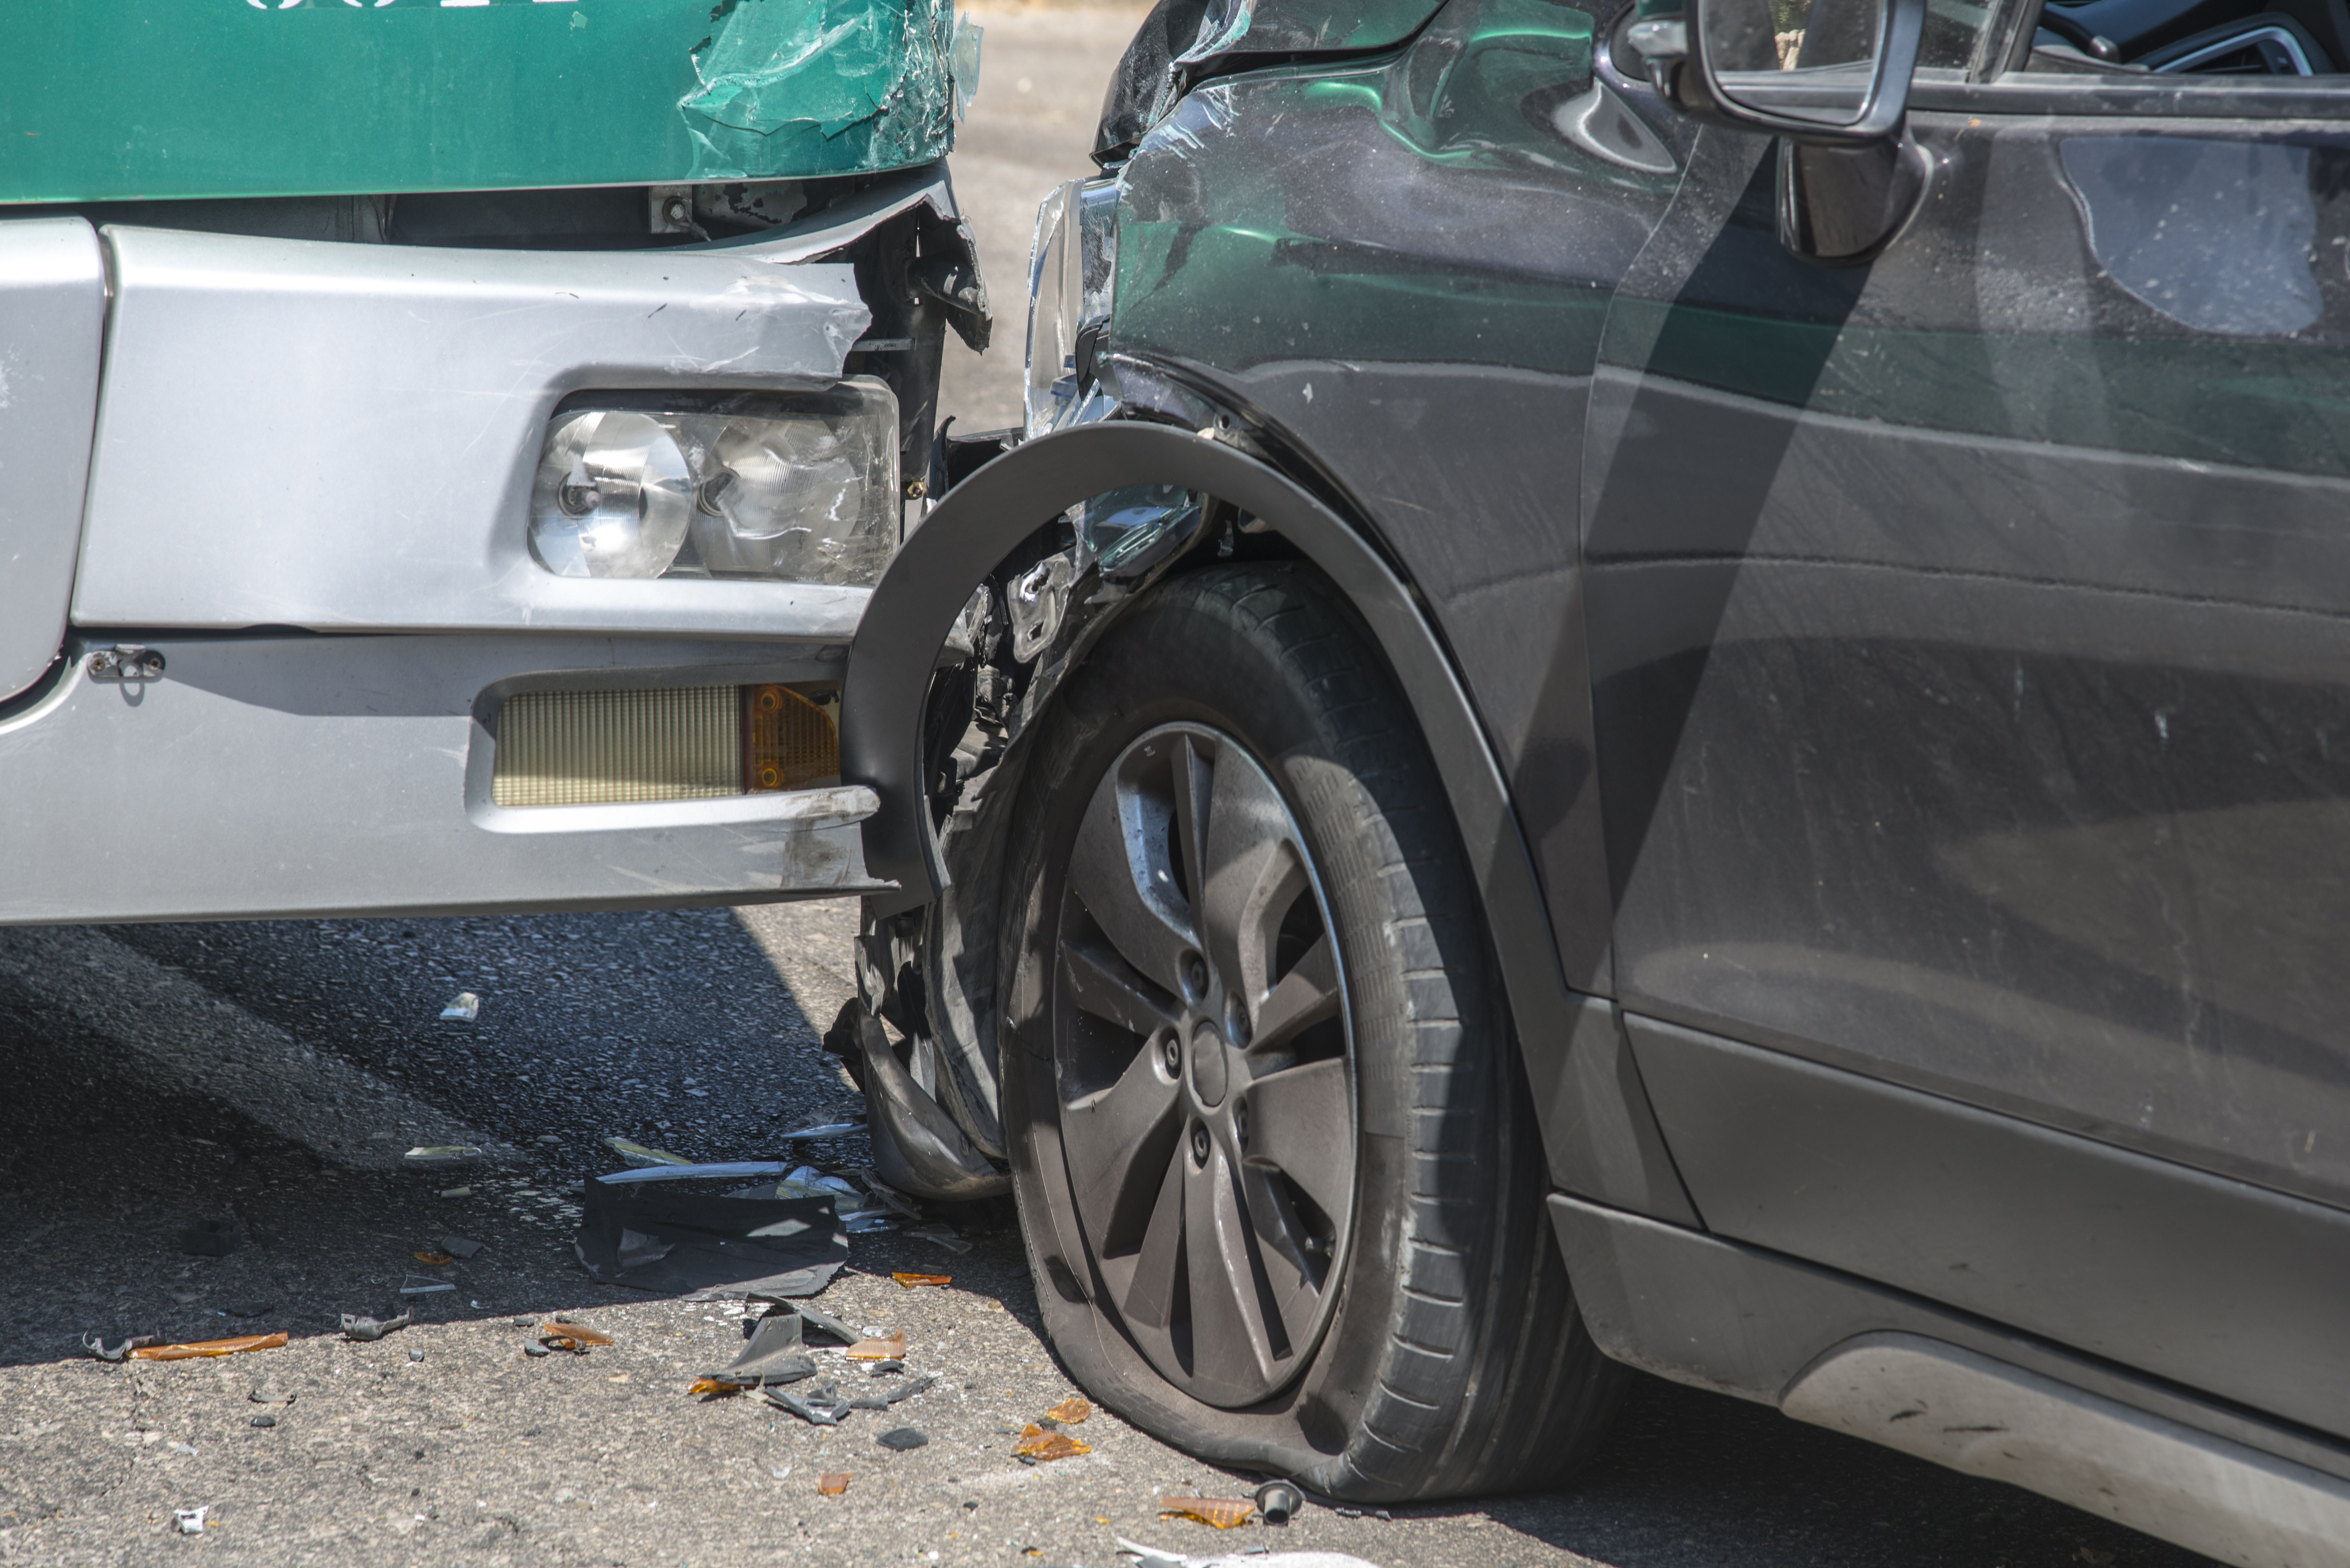 Accidentes de tráfico: Áreas de trabajo de Pedro A. Gómez Sainz, Abogado